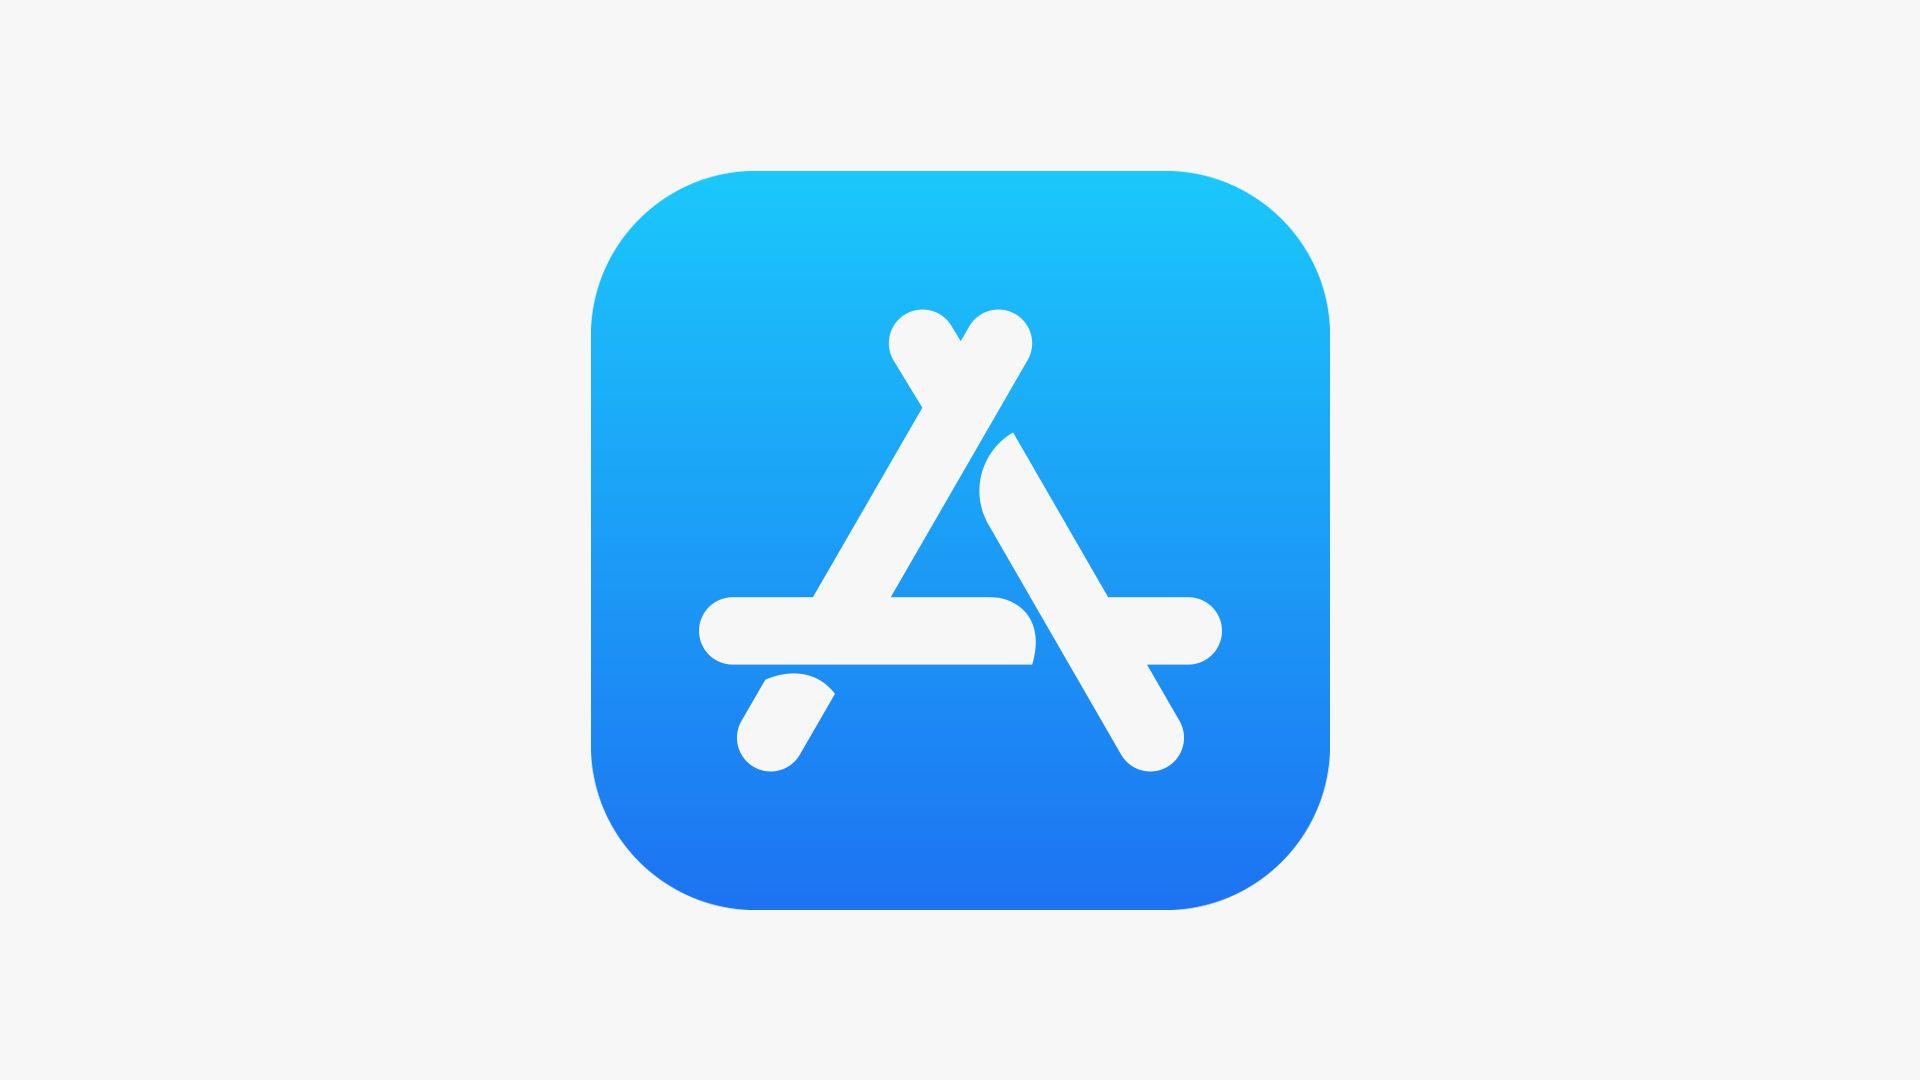 Firma Apple obniża prowizję niektórym deweloperom w App Store